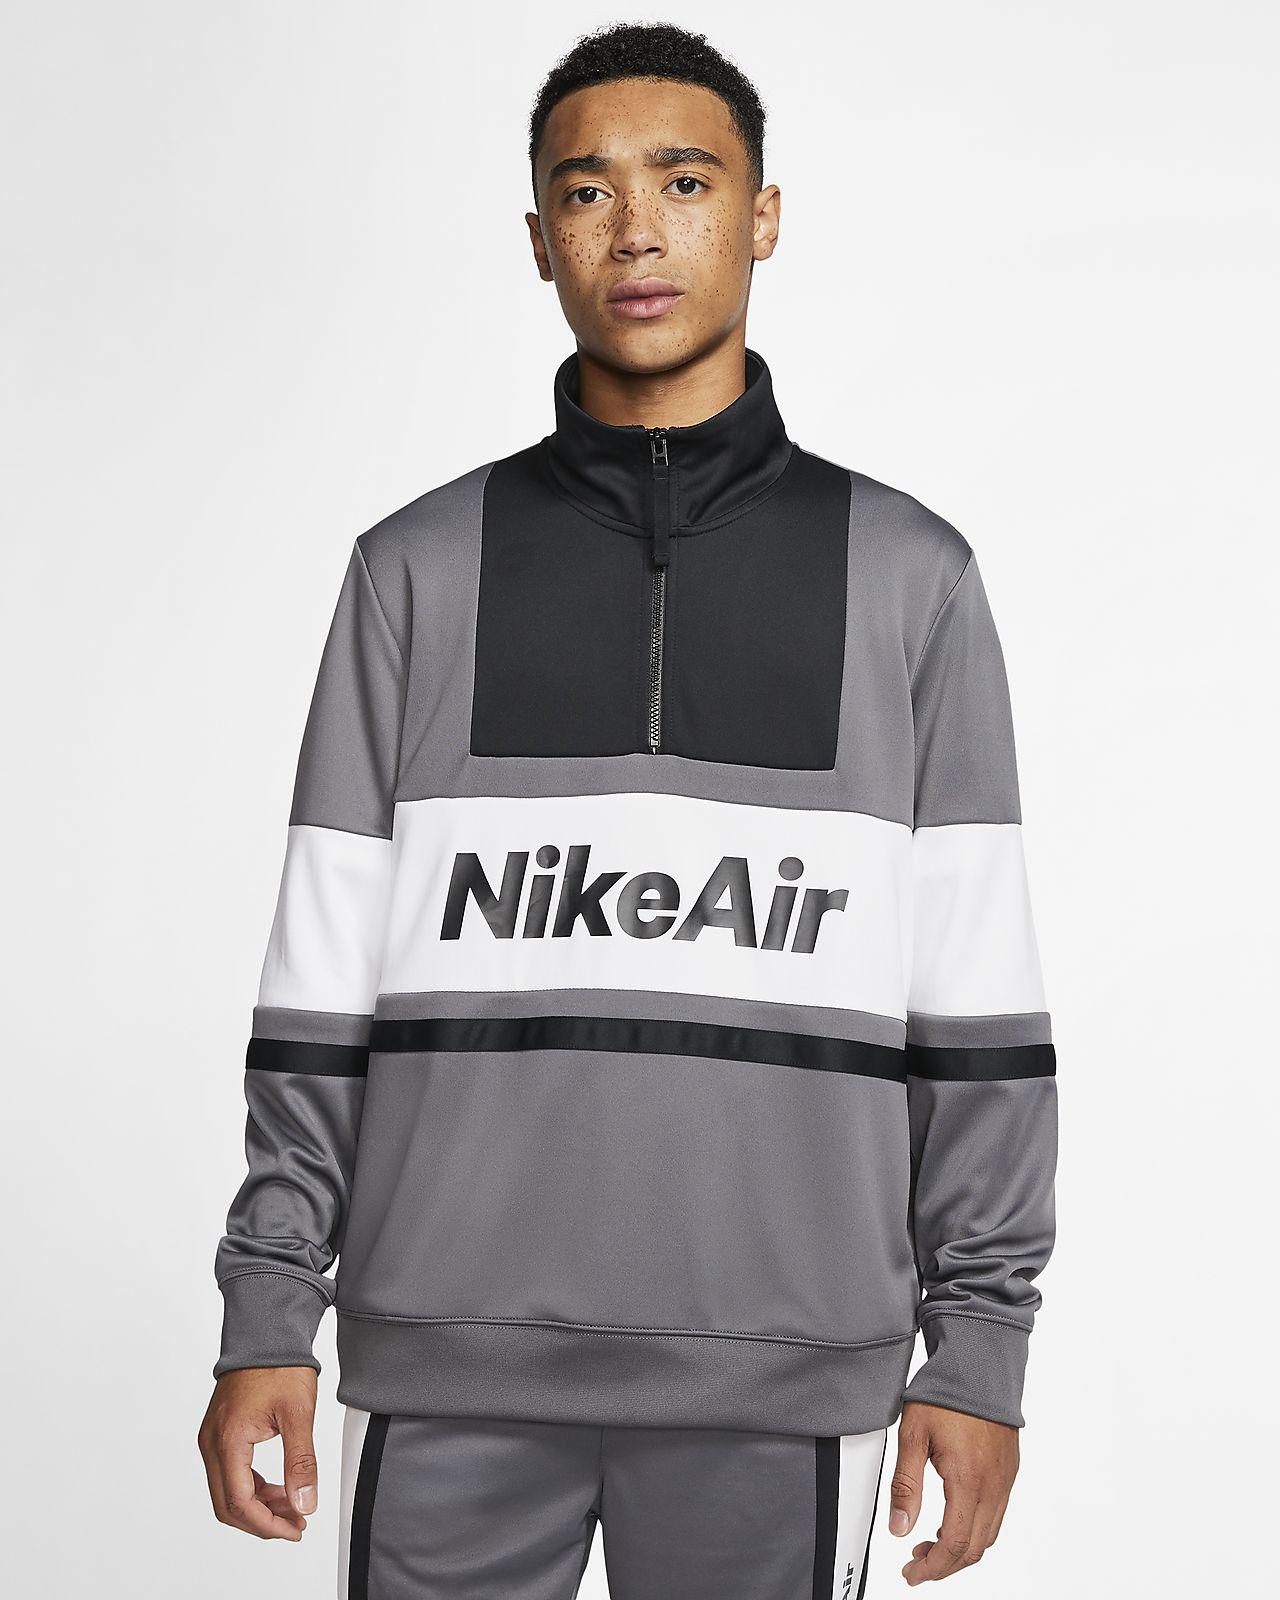 Nike Air-jakke til mænd